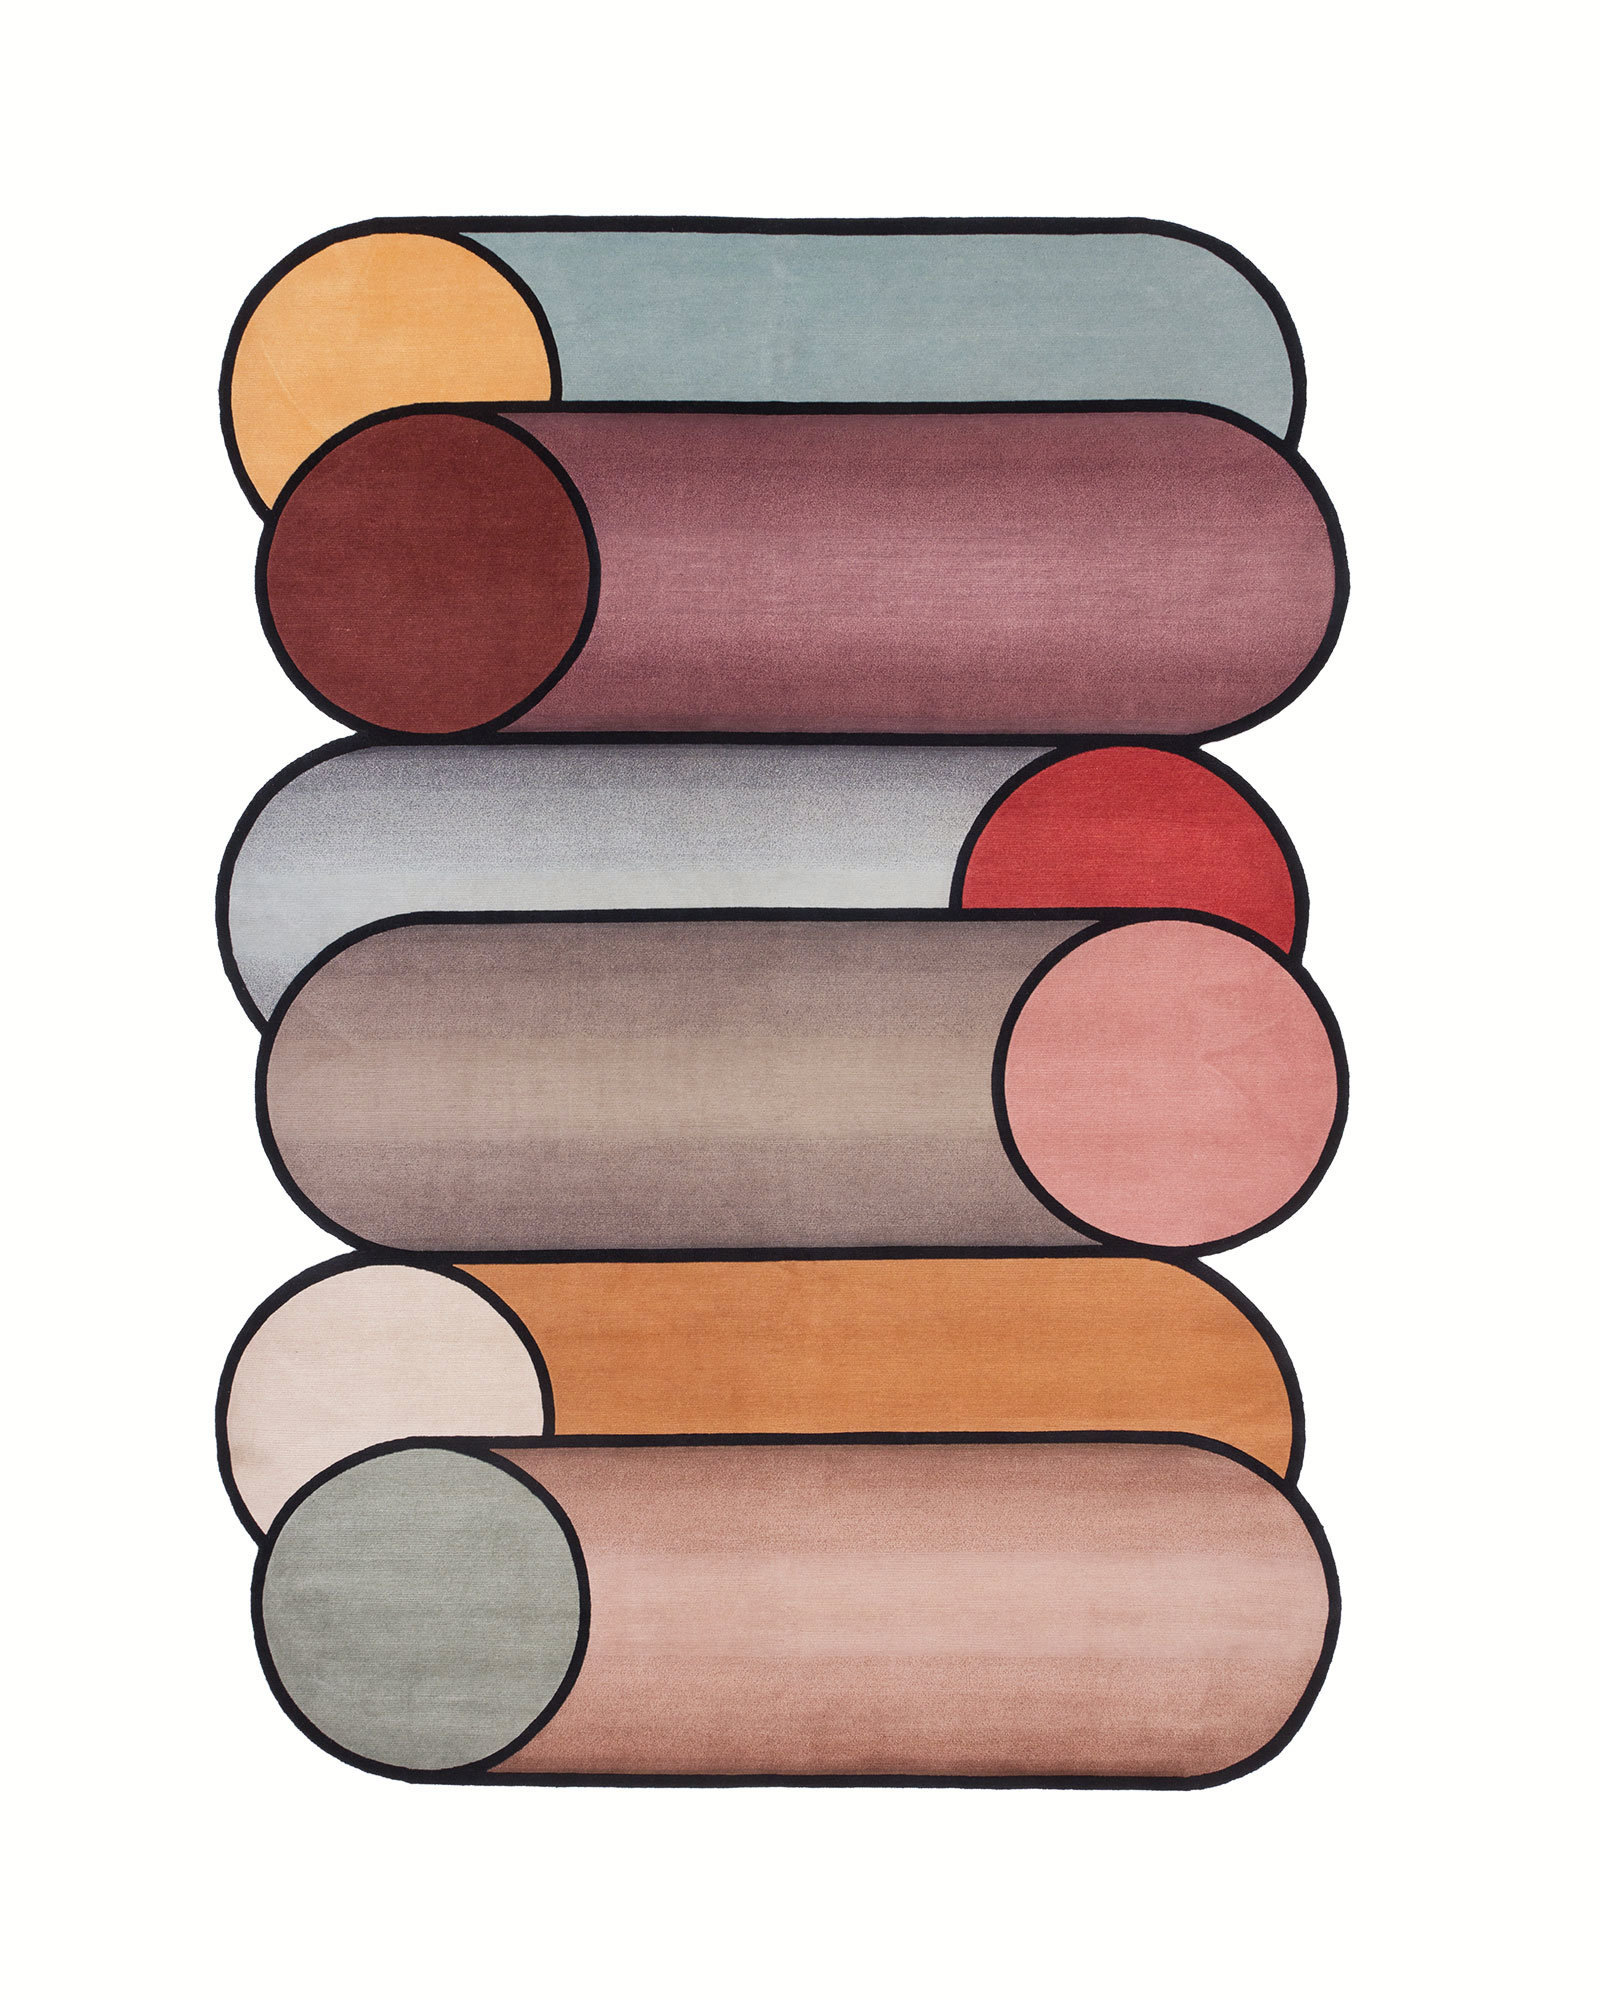 Стильный ковер, дизайнерские ковры, ковры для дома, ковры в Калининграде, итальянские ковры в Калининграде, ковры из Италии, купить ковер в Калининграде, cc-tapis Калининград